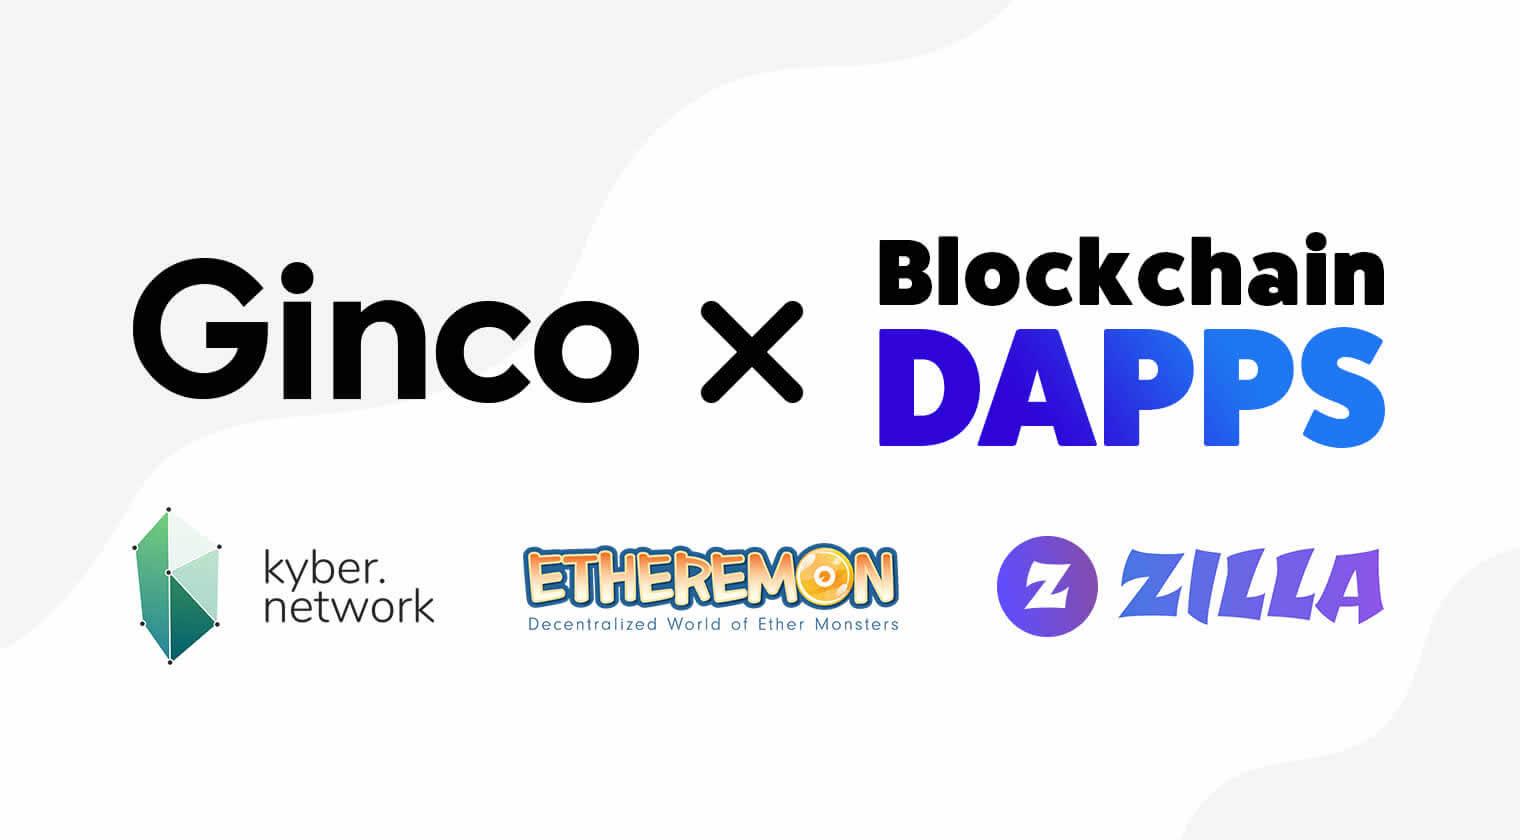 仮想通貨ウォレットのGinco、有力ブロックチェーン企業3社と提携